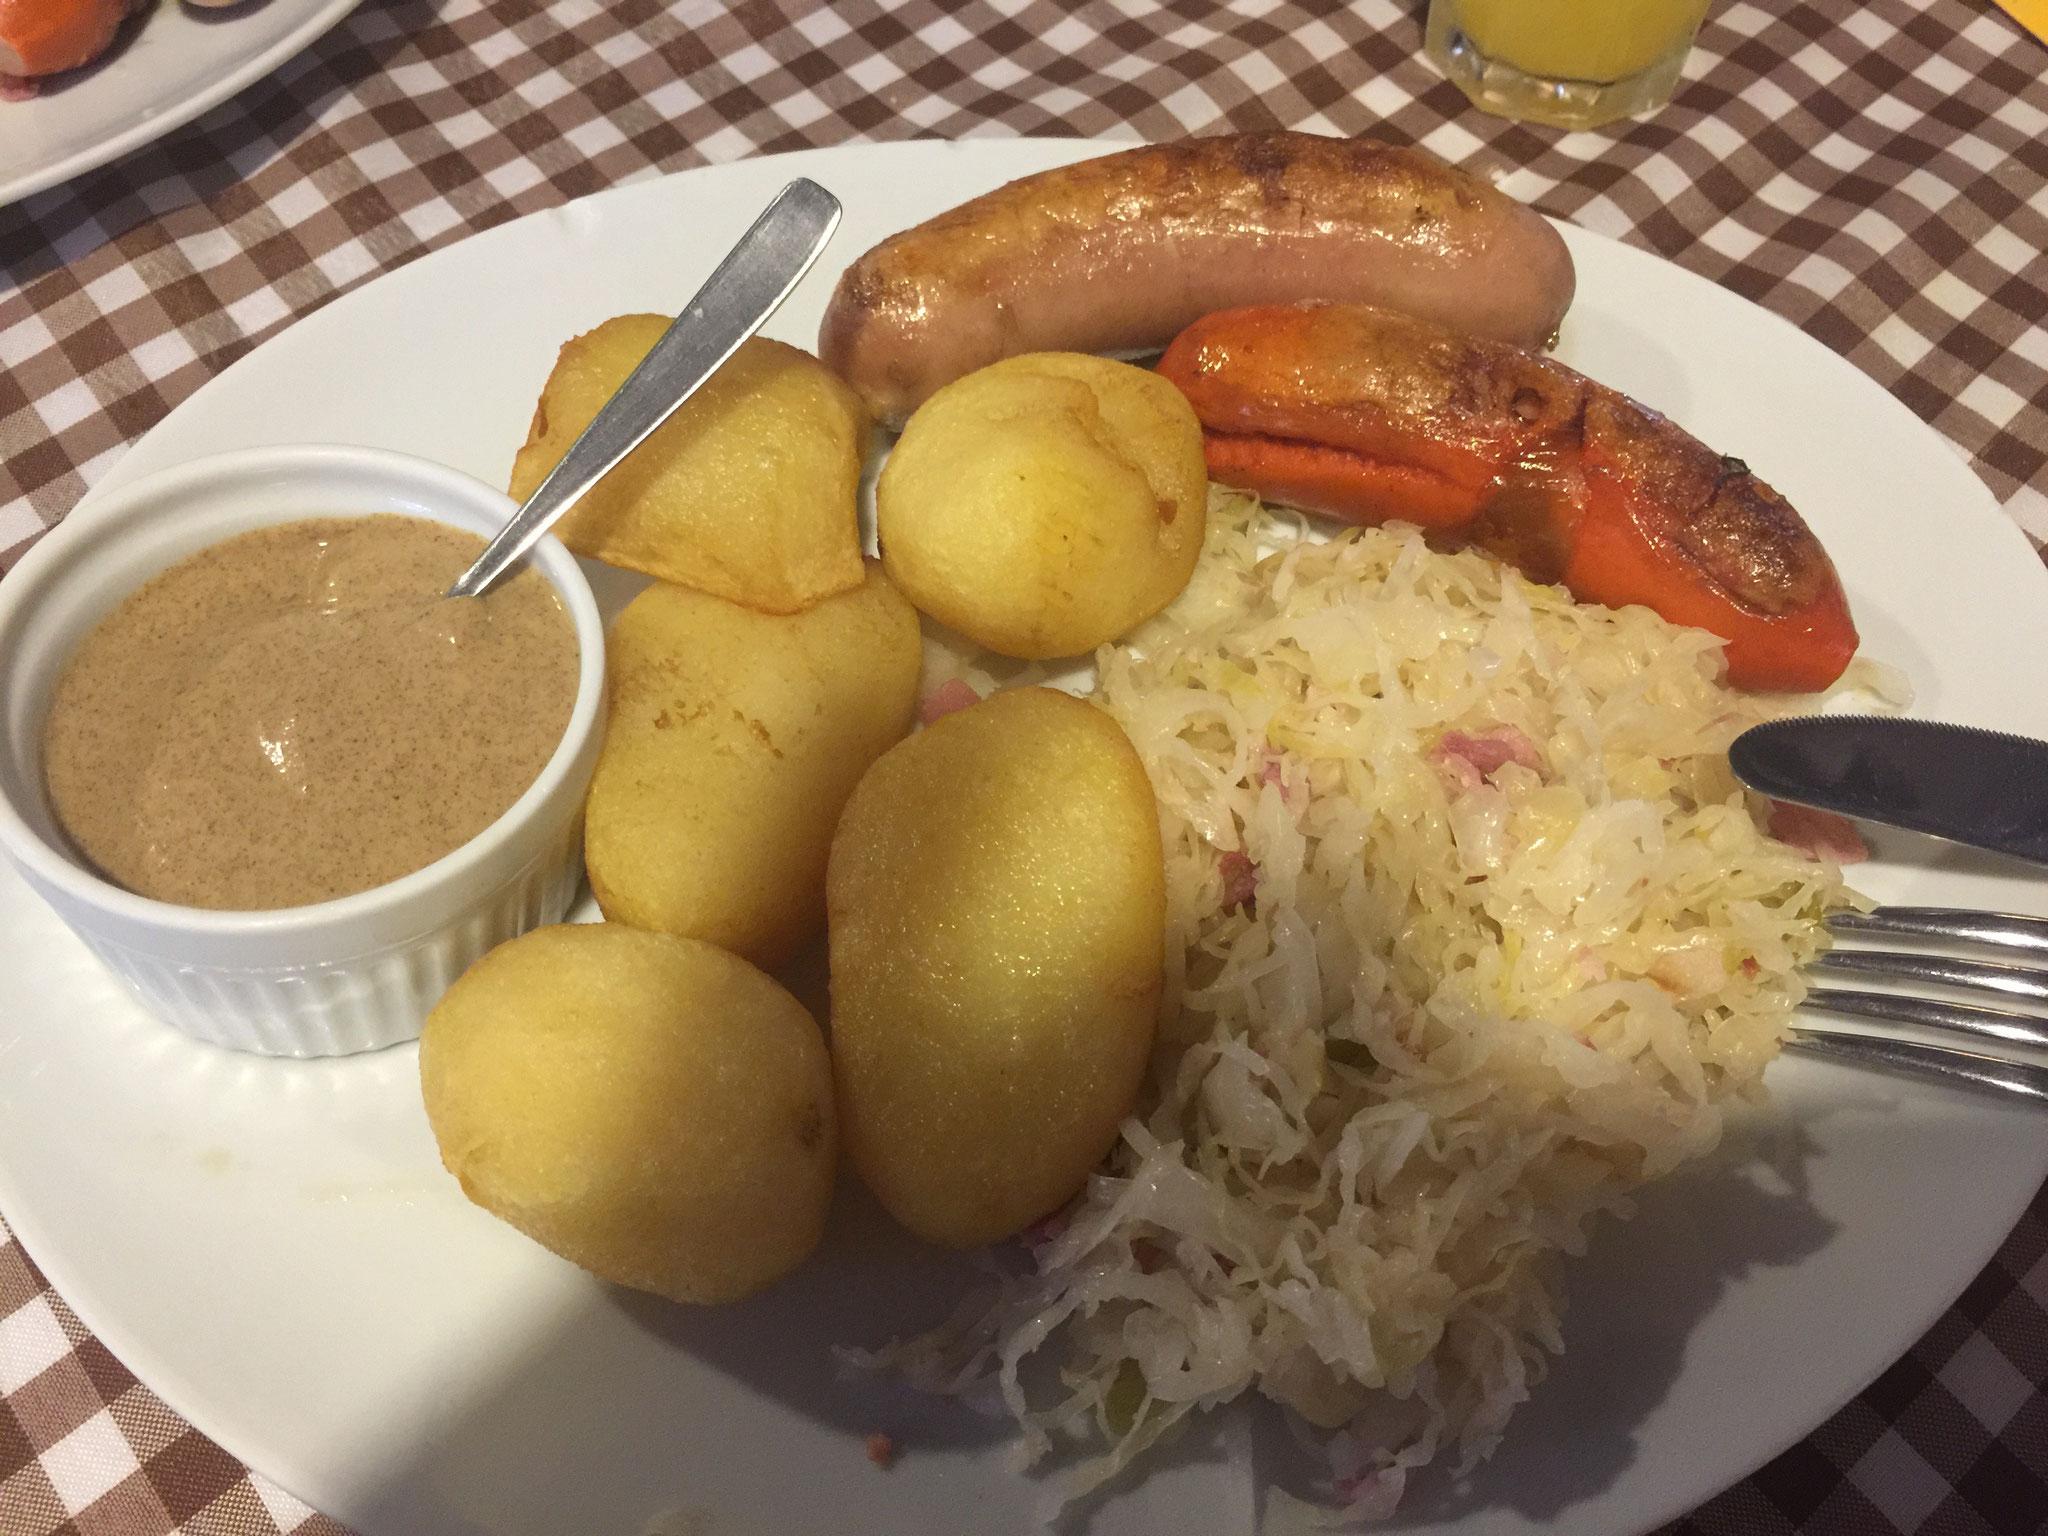 Sauerkraut!